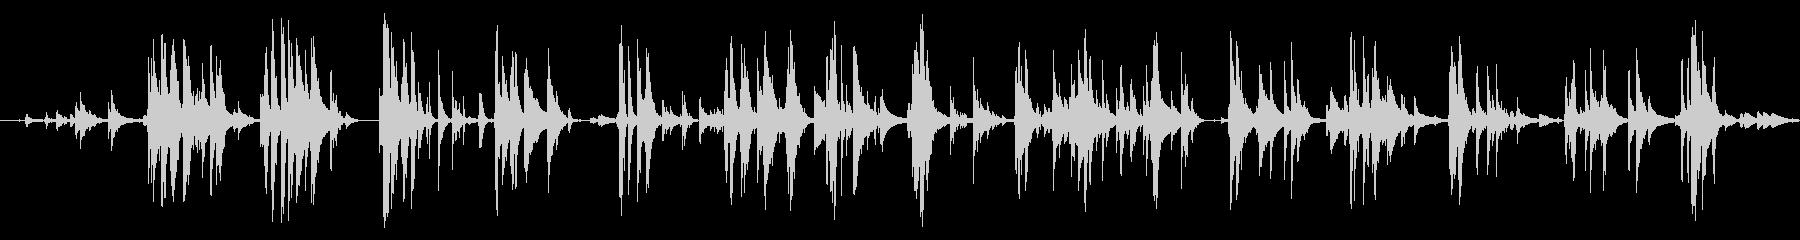 フォリーウォーク、カウベル、クロー...の未再生の波形